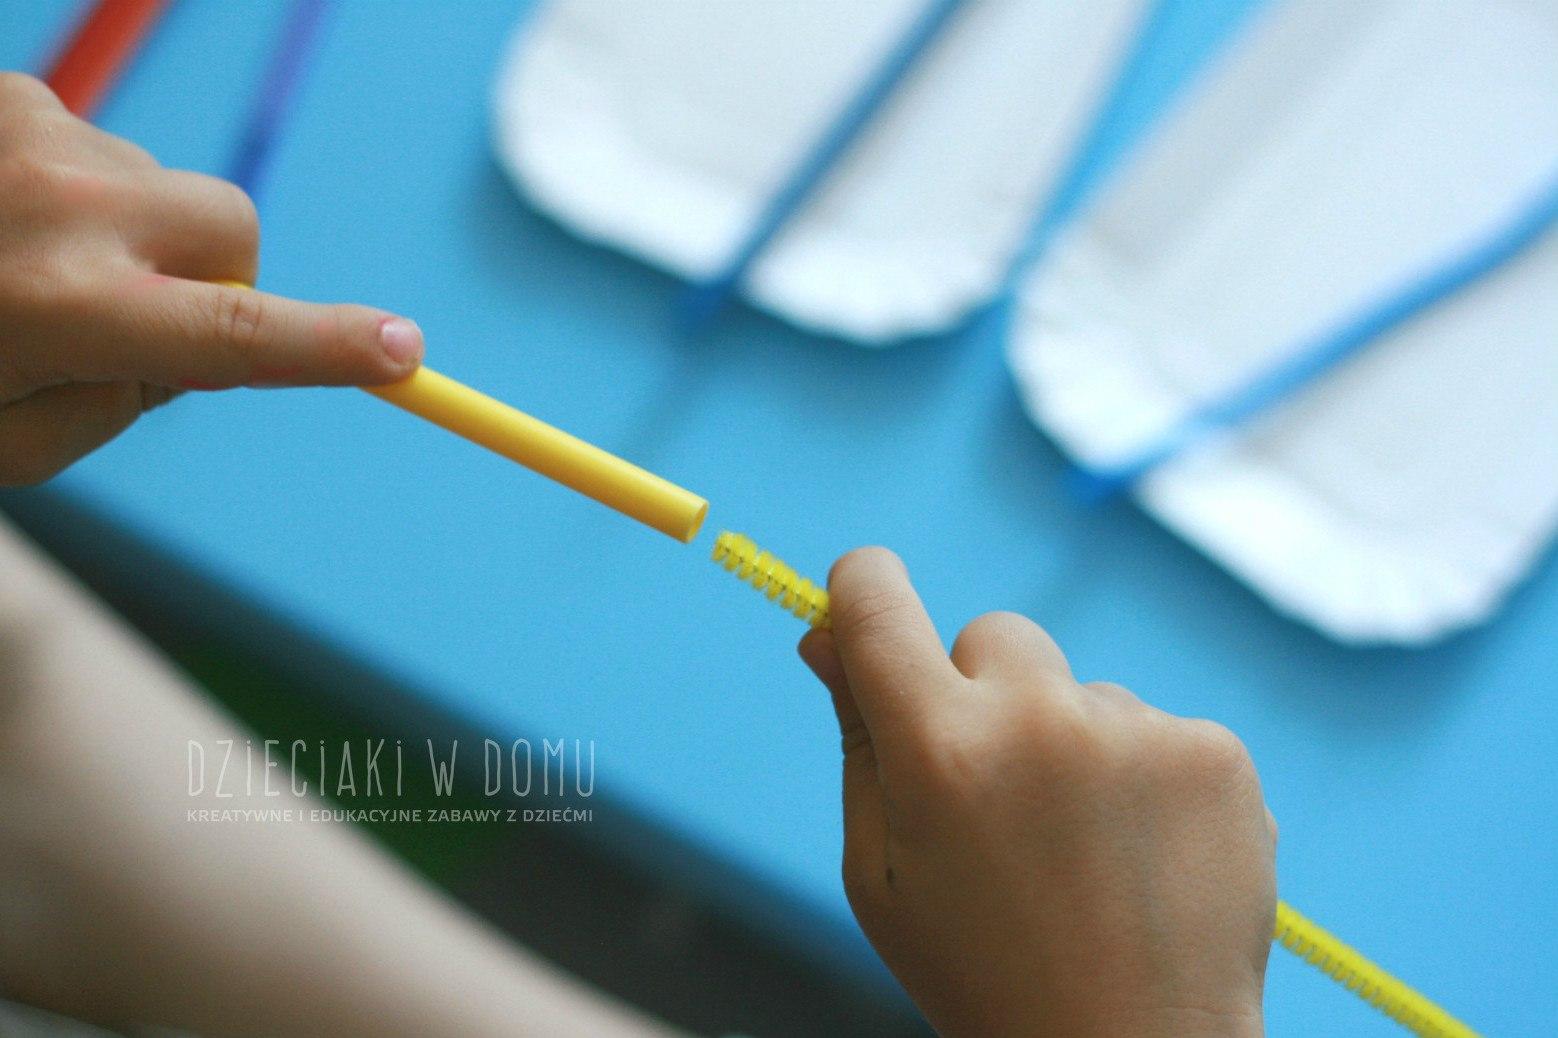 pomysły na zabawy dla dzieci z kreatywnymi drucikami